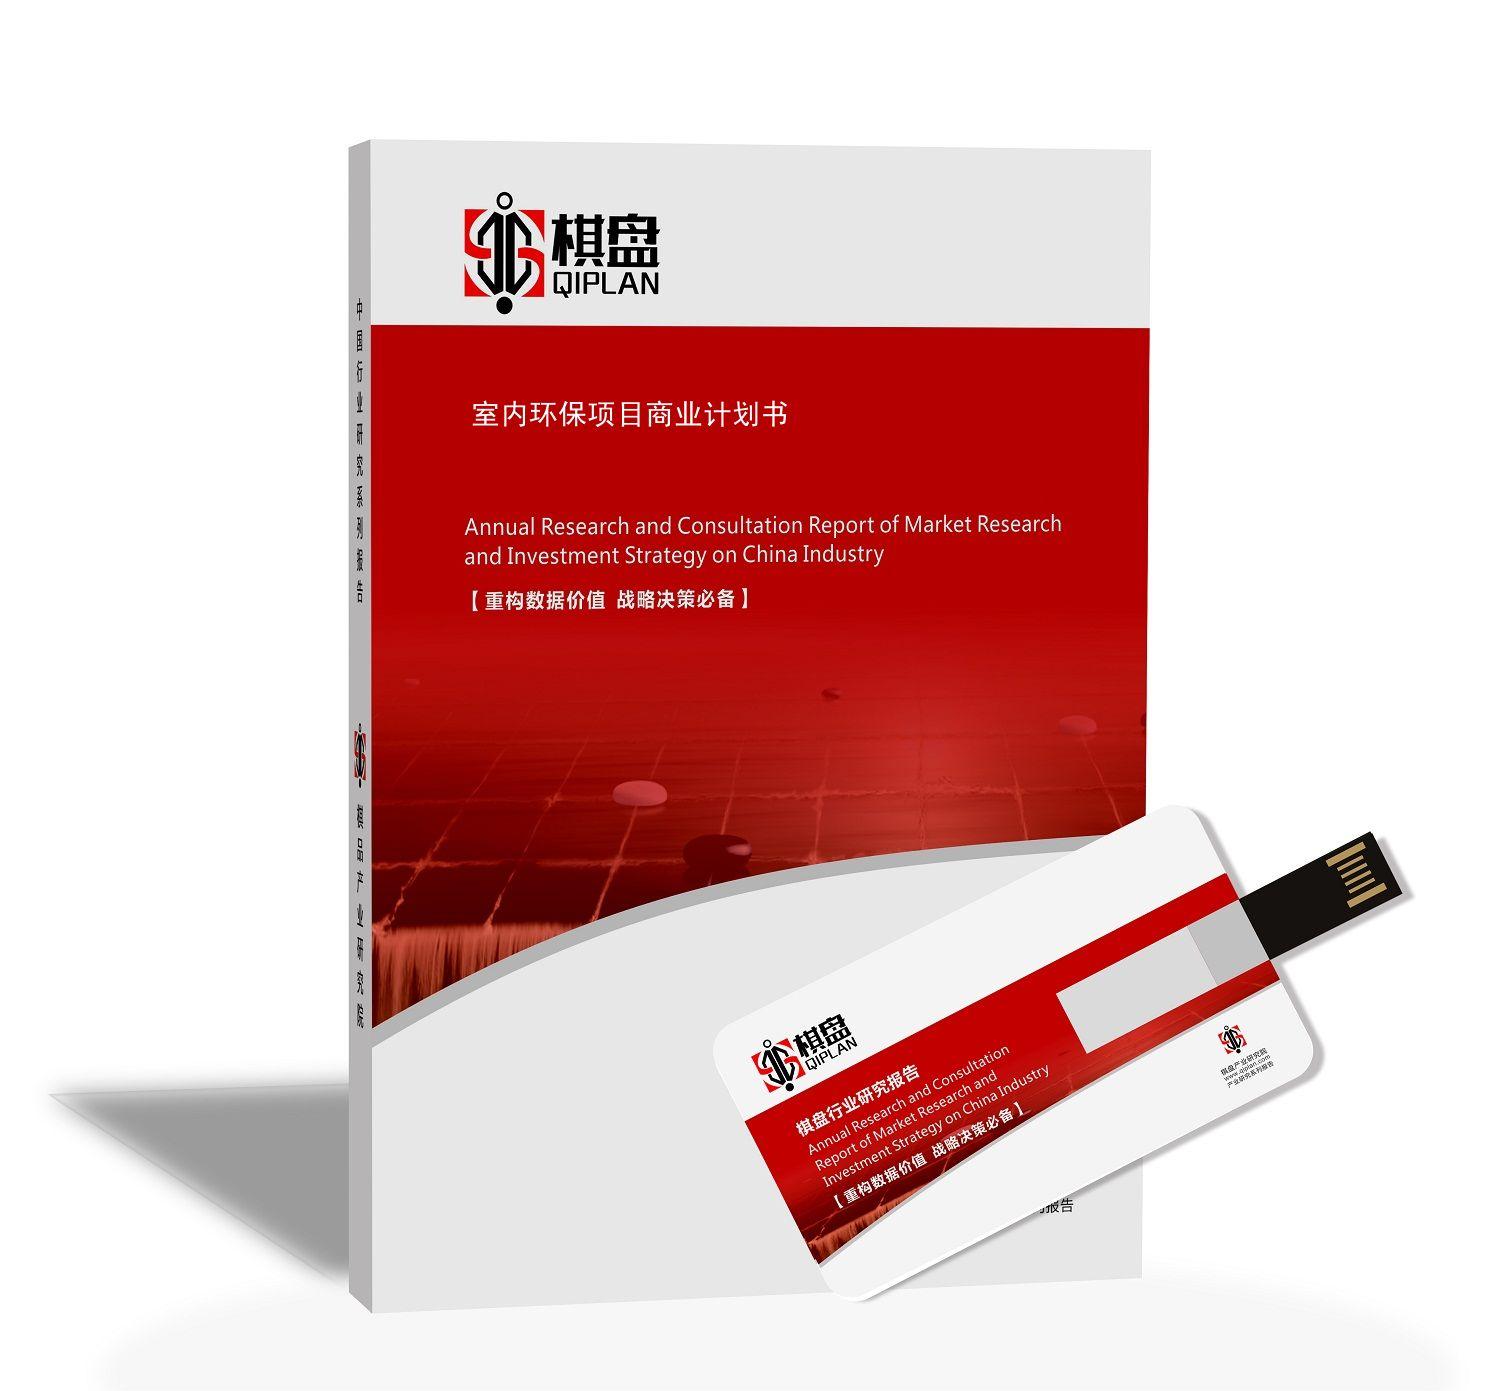 室内环保项目商业计划书